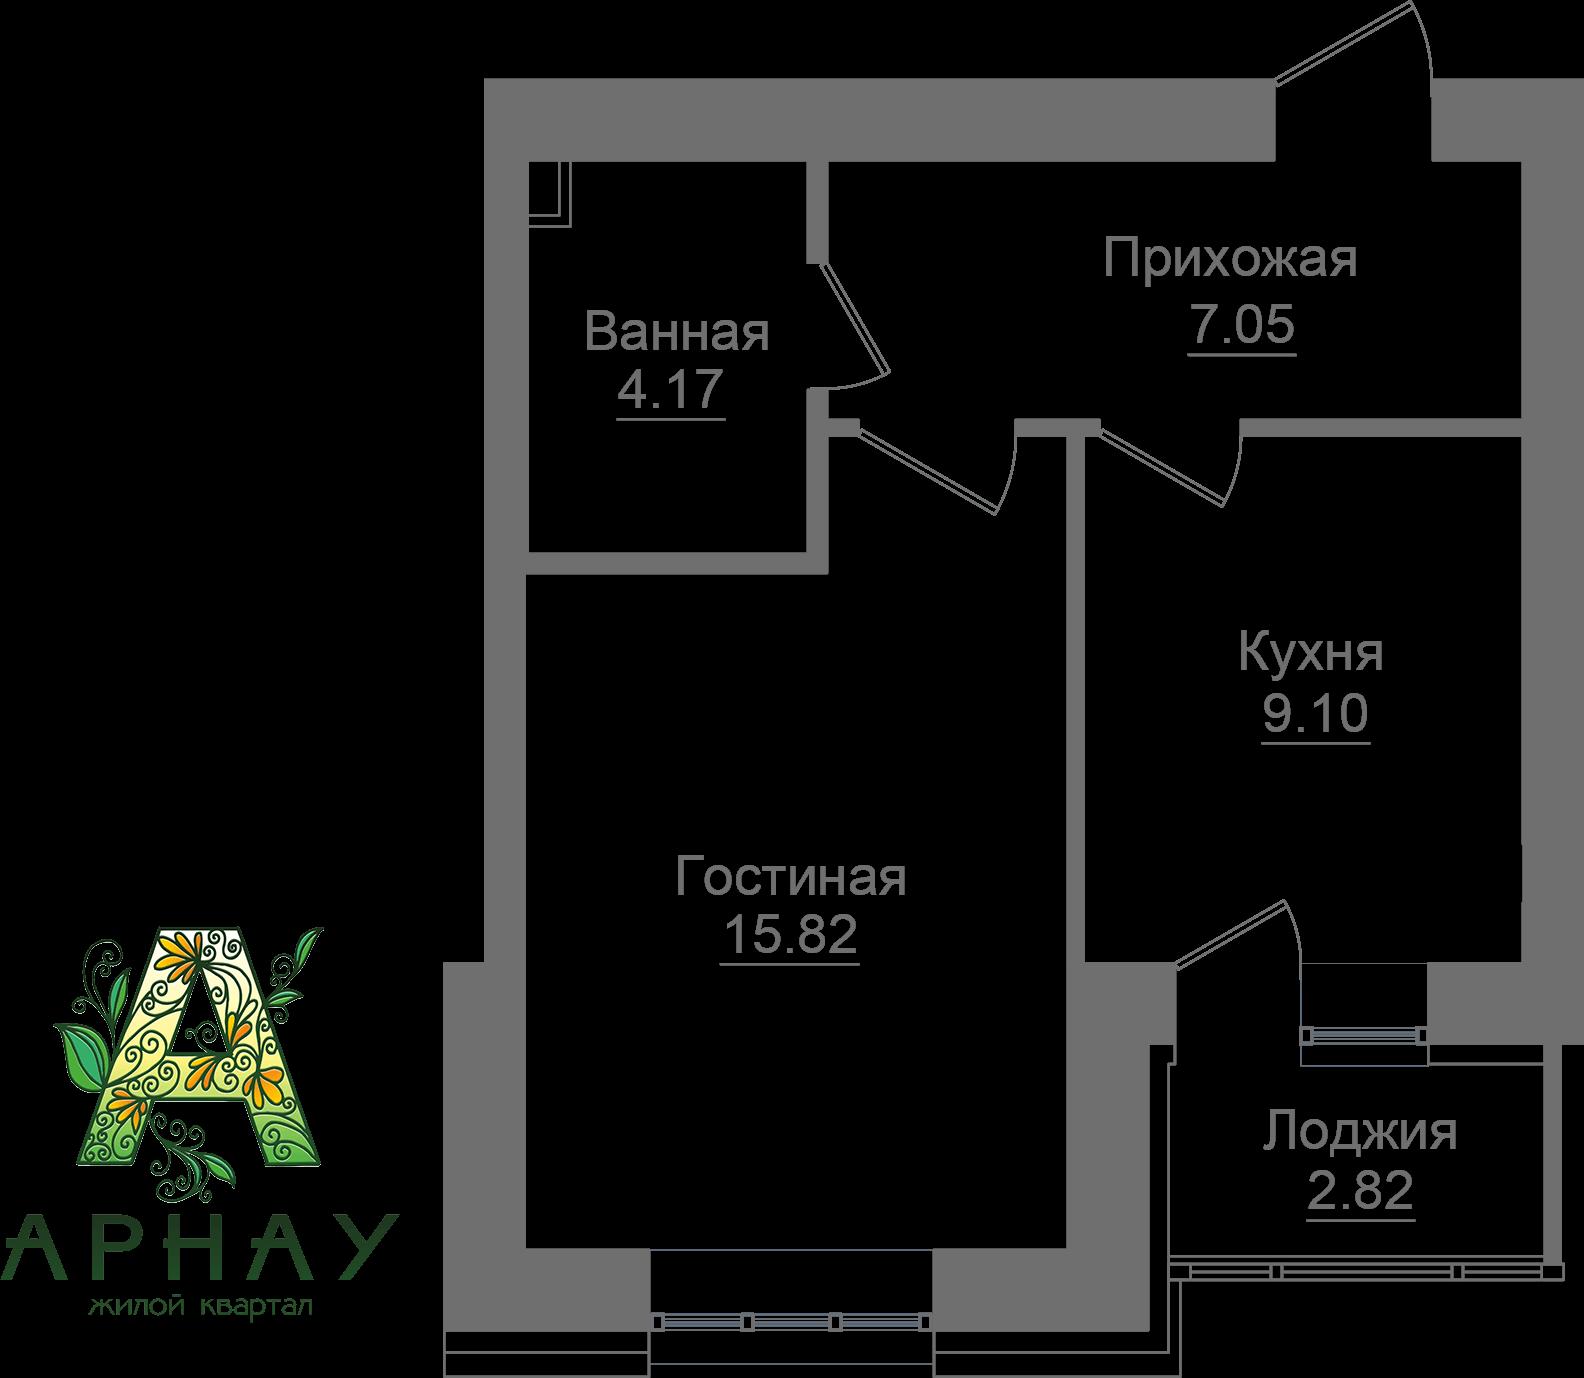 Квартира 134